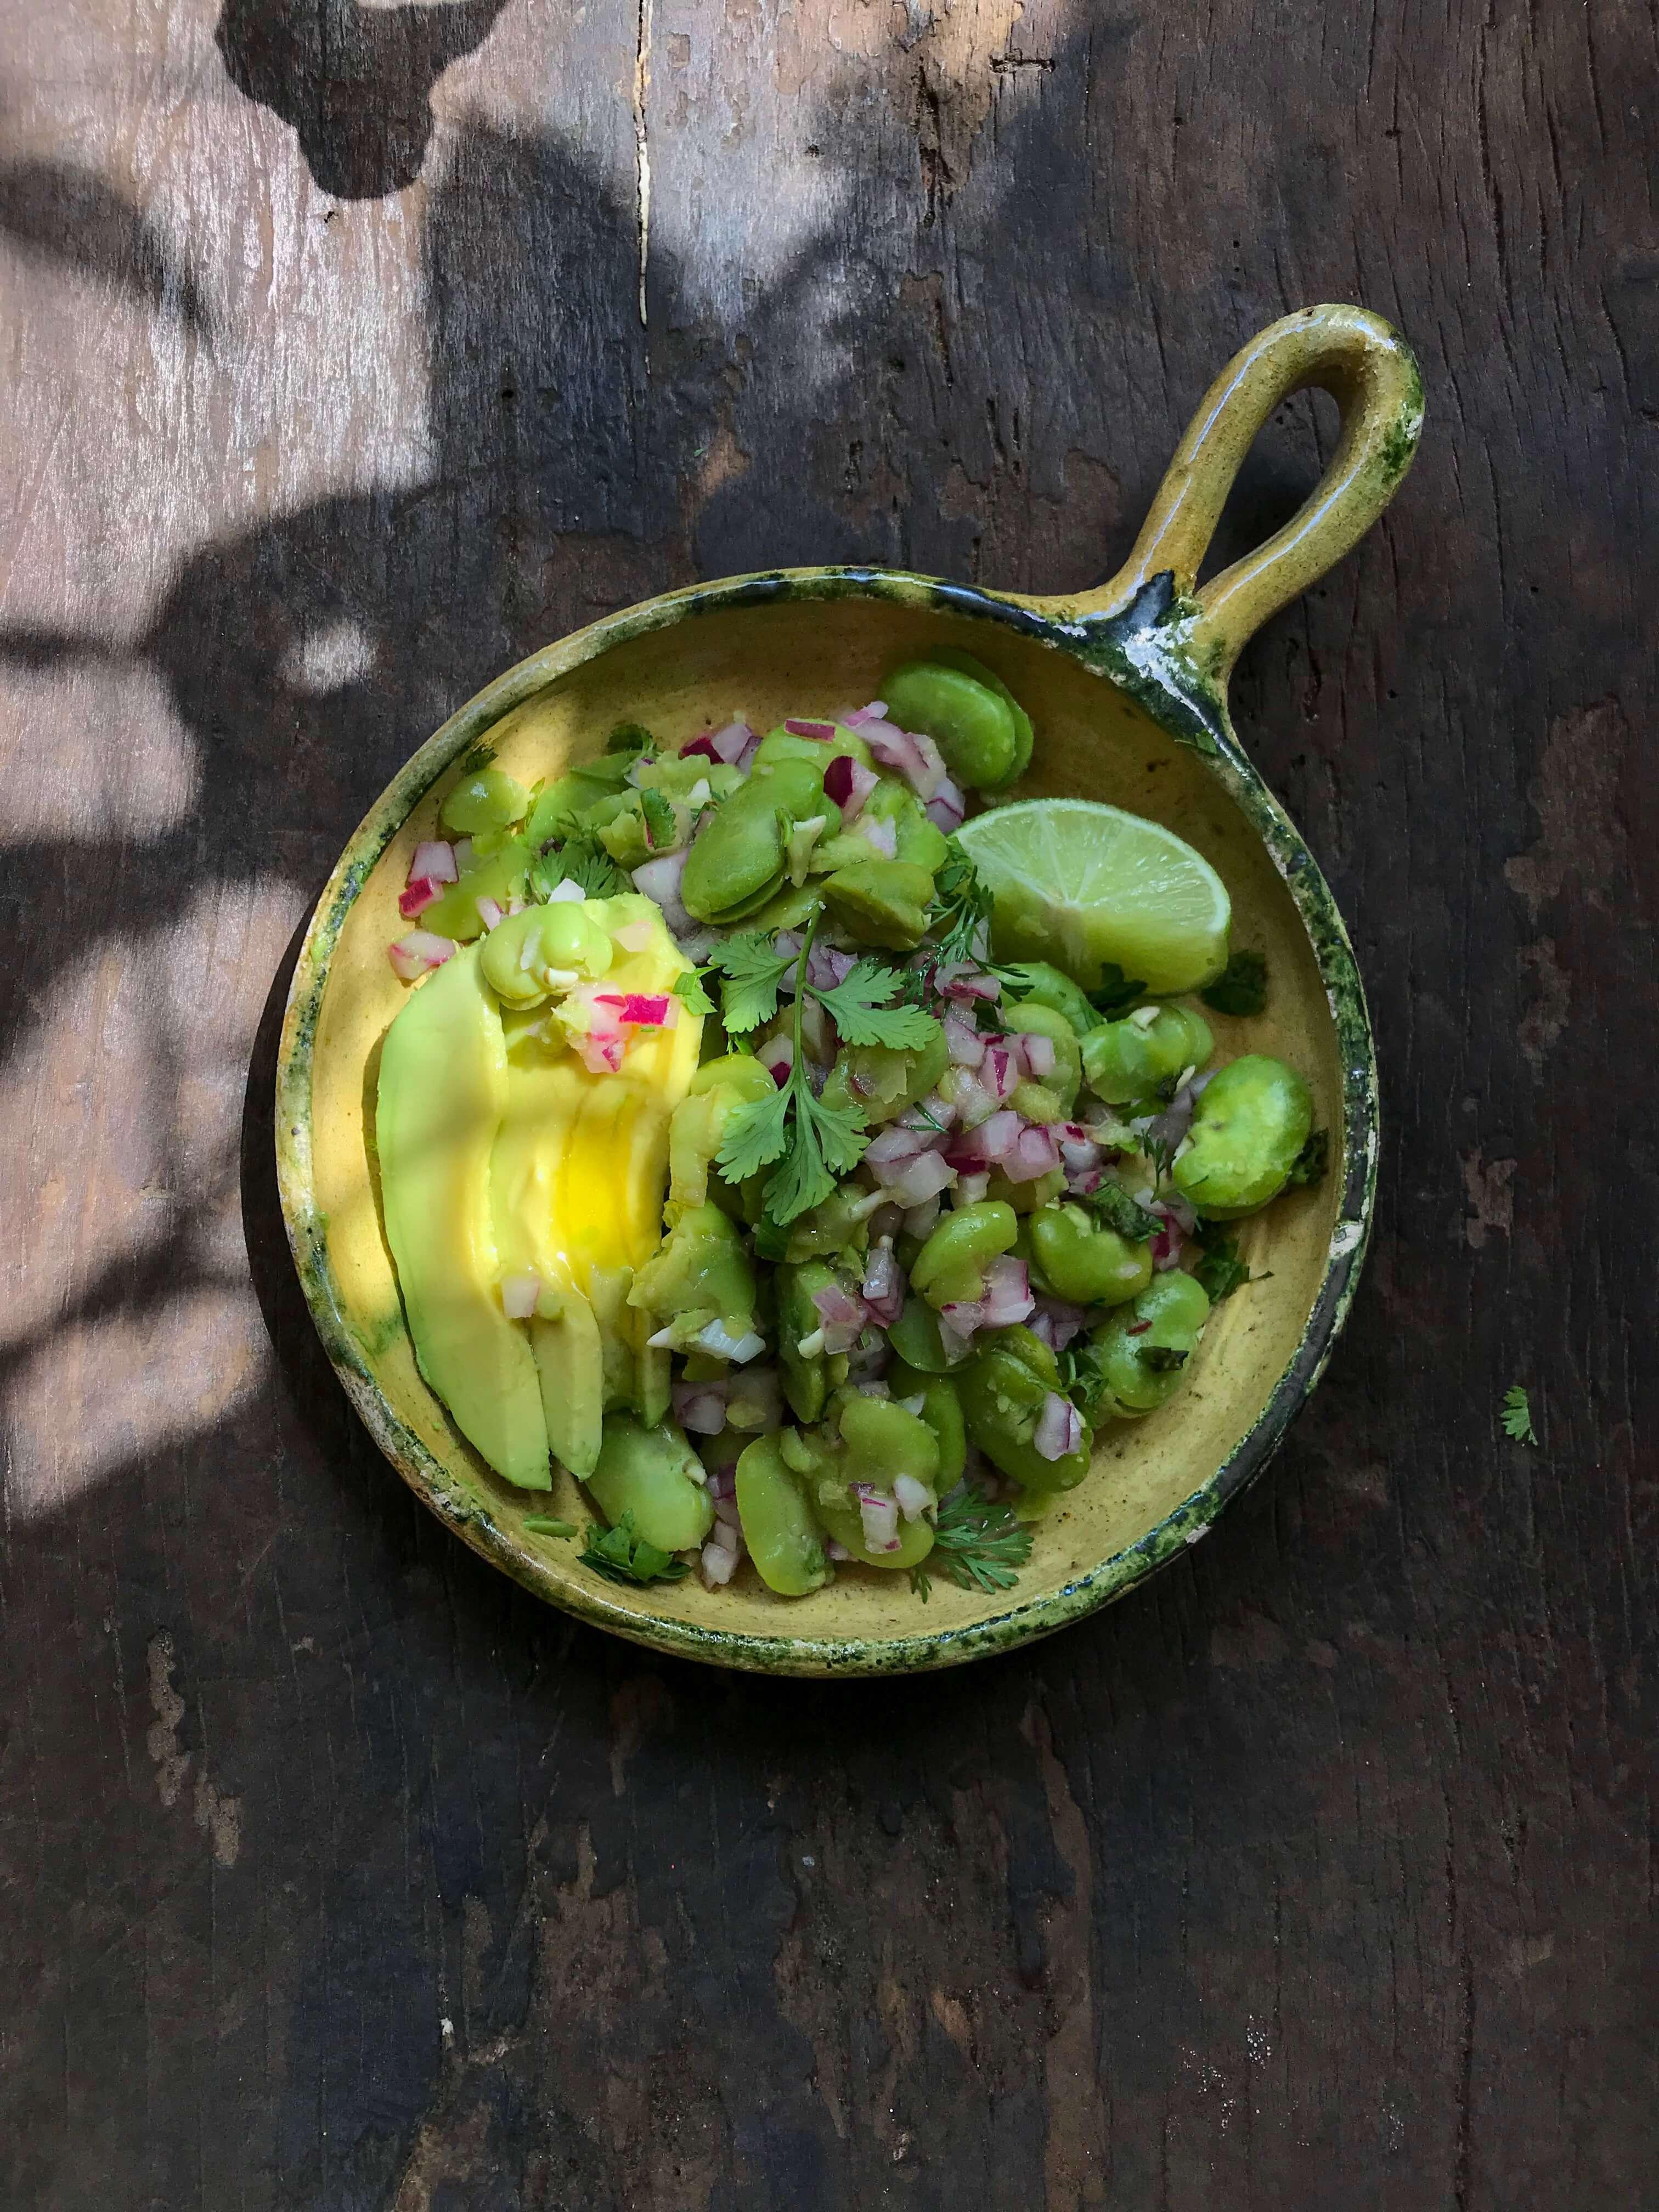 ensalada de habas con cebolla colorada